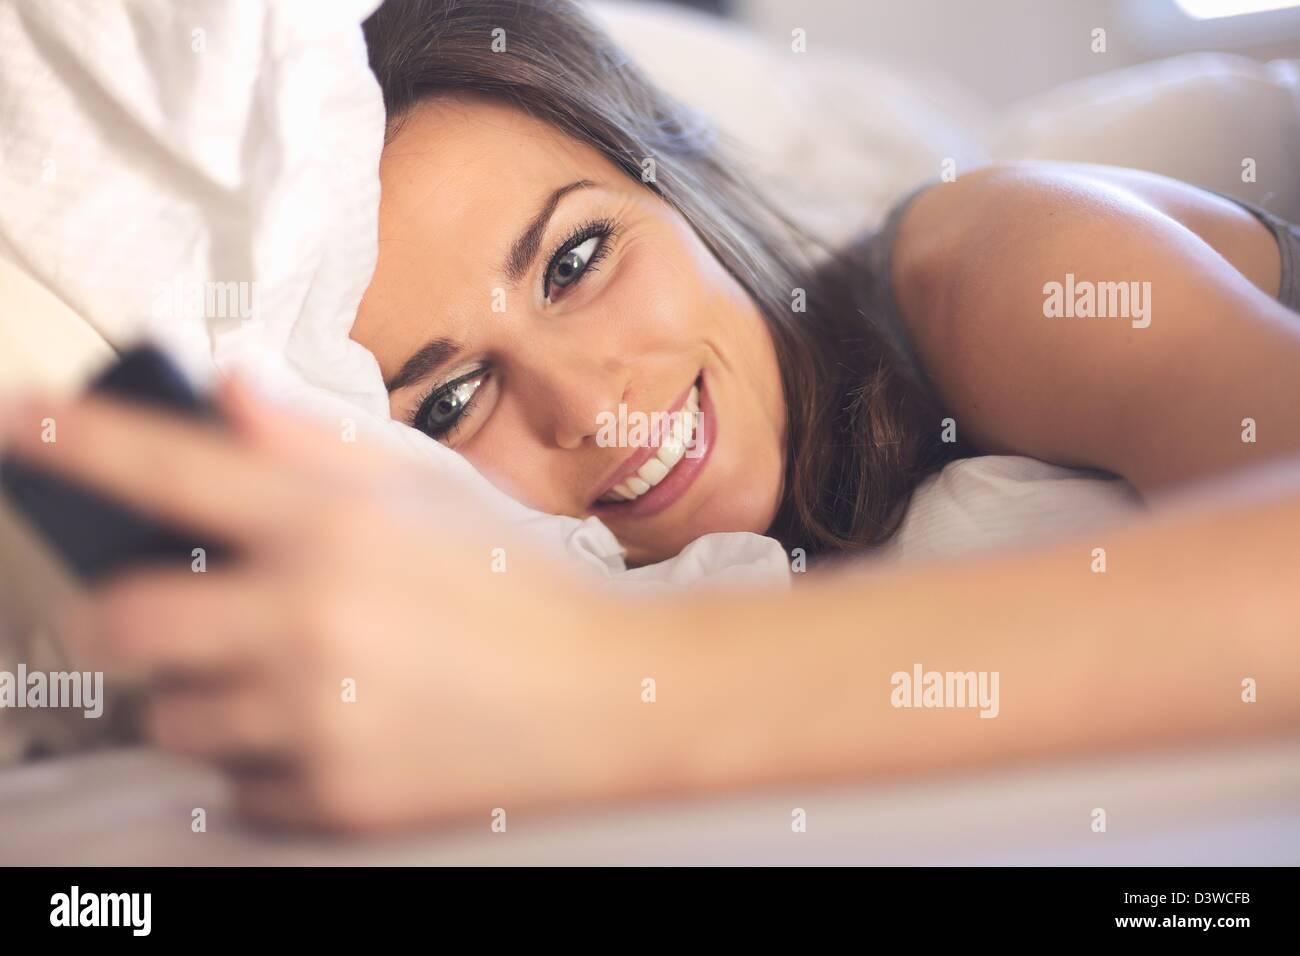 Glückliche Frau auf Bett Lächeln während des Lesens einer SMS-Nachricht von jemandem Stockbild